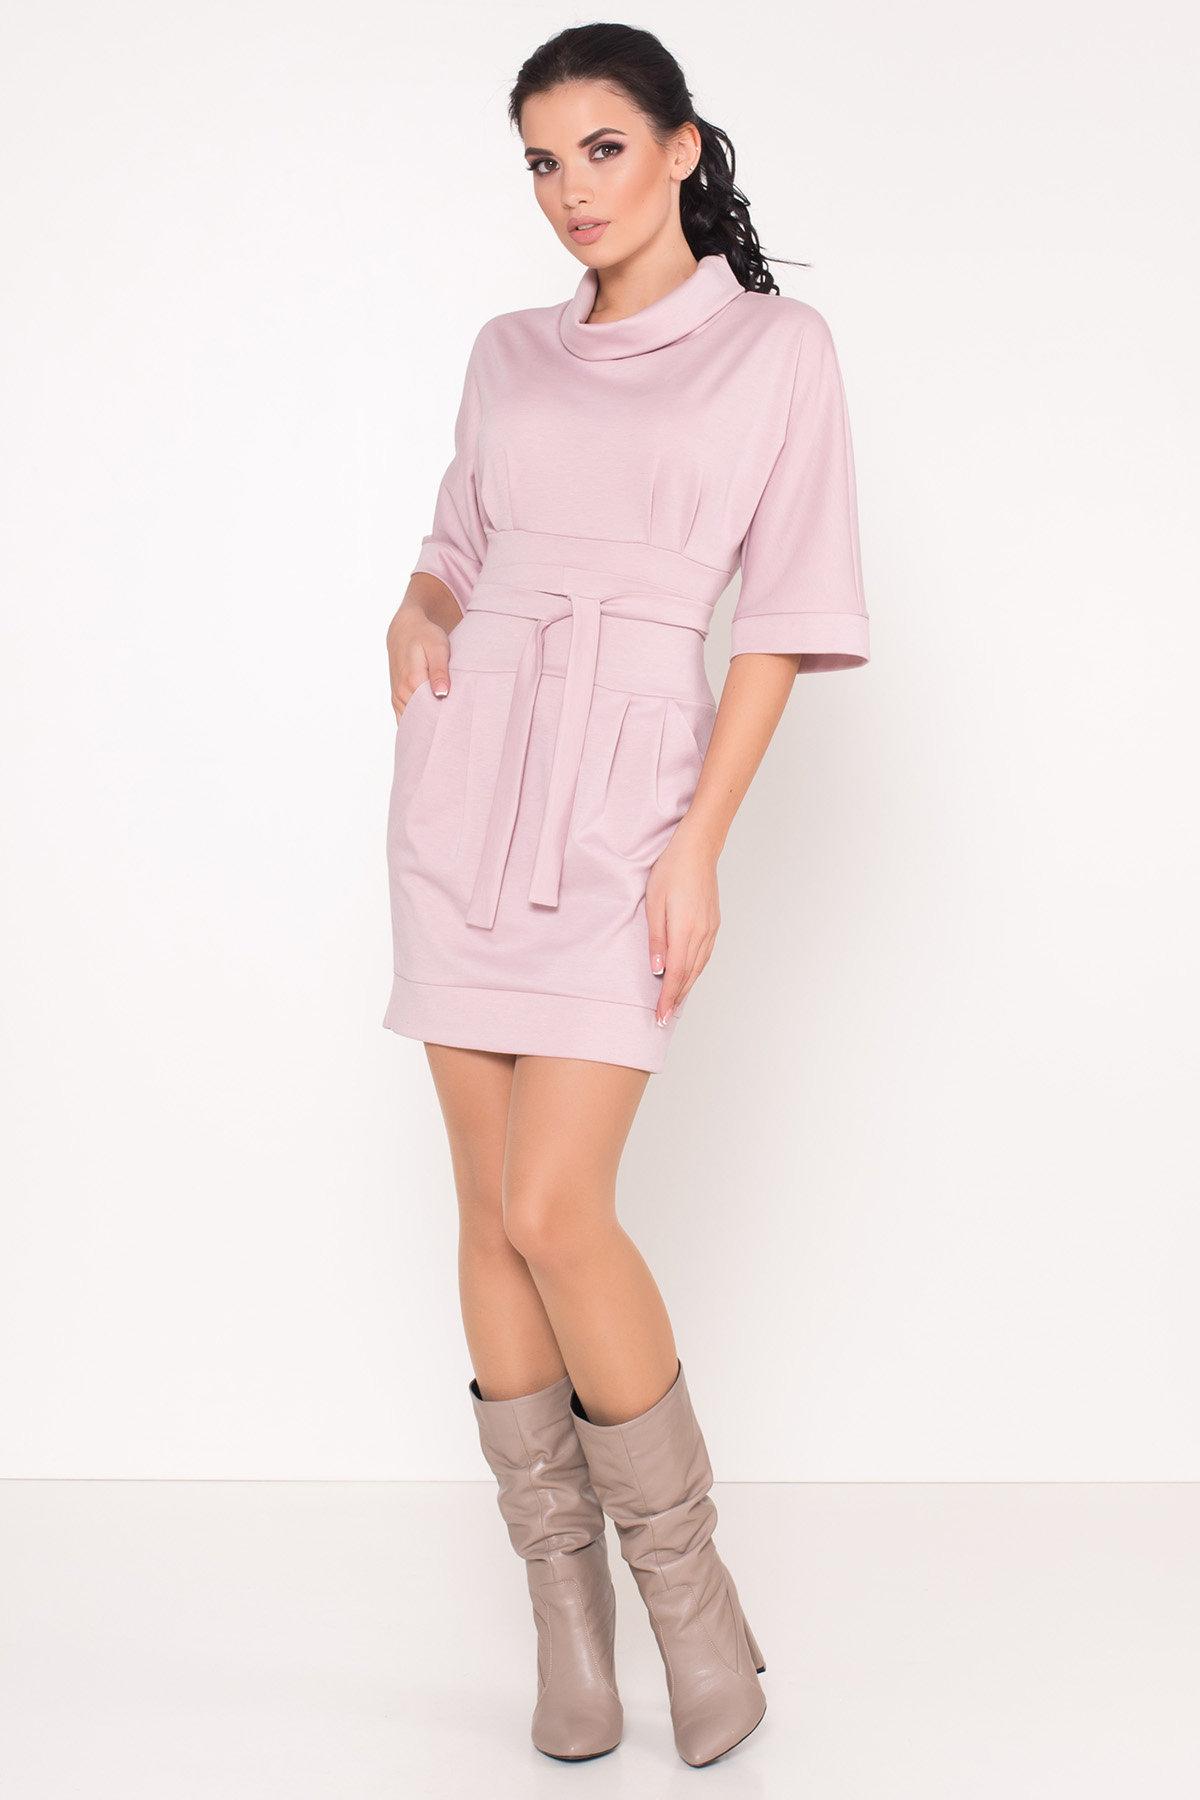 Трикотажное платье Вассаби 8478 АРТ. 44904 Цвет: розовый - фото 3, интернет магазин tm-modus.ru